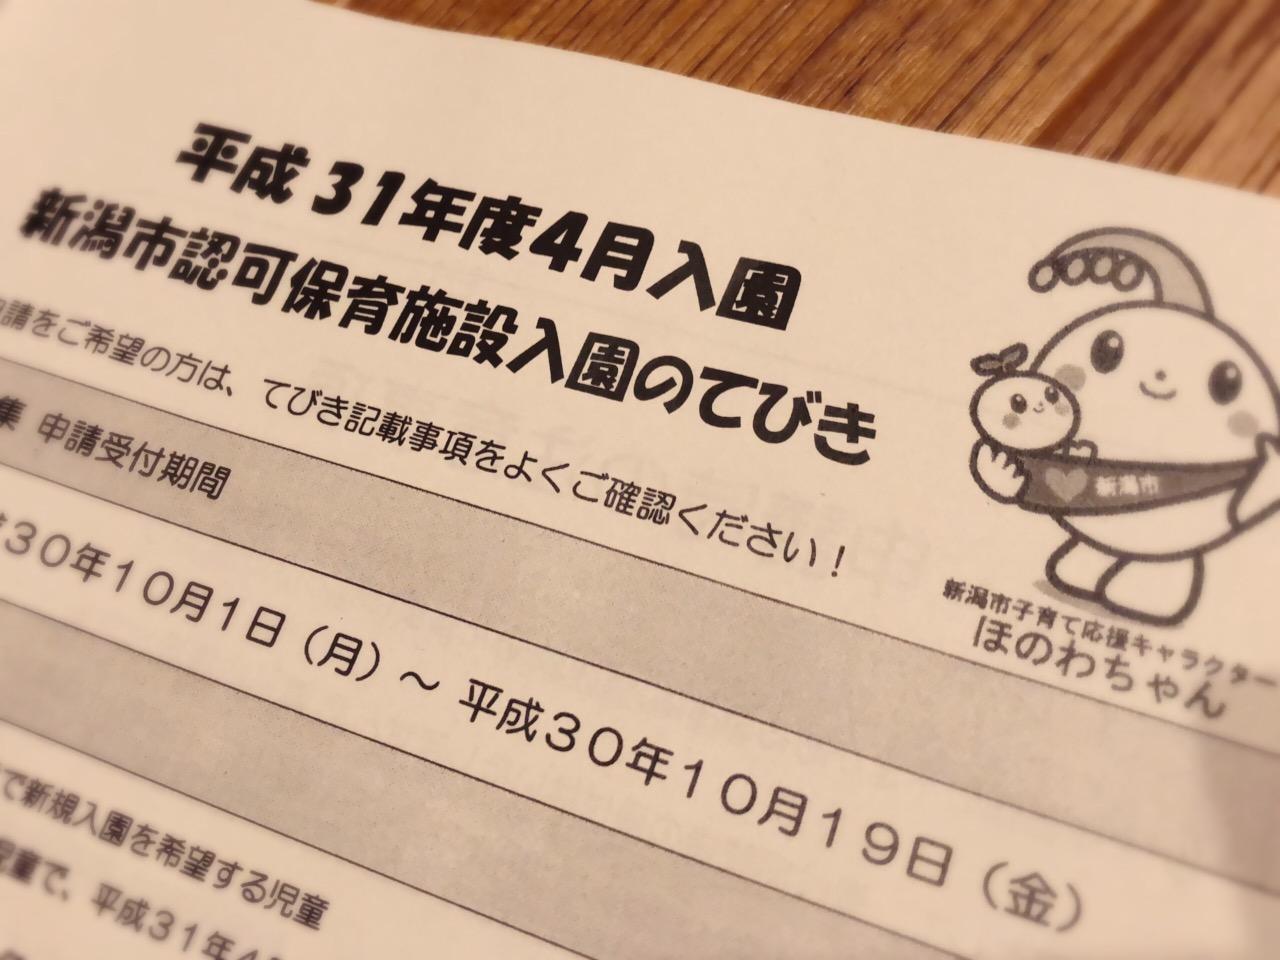 【平成31年度4月入園】 新潟市認可保育施設入園の申し込み書類配布開始です!